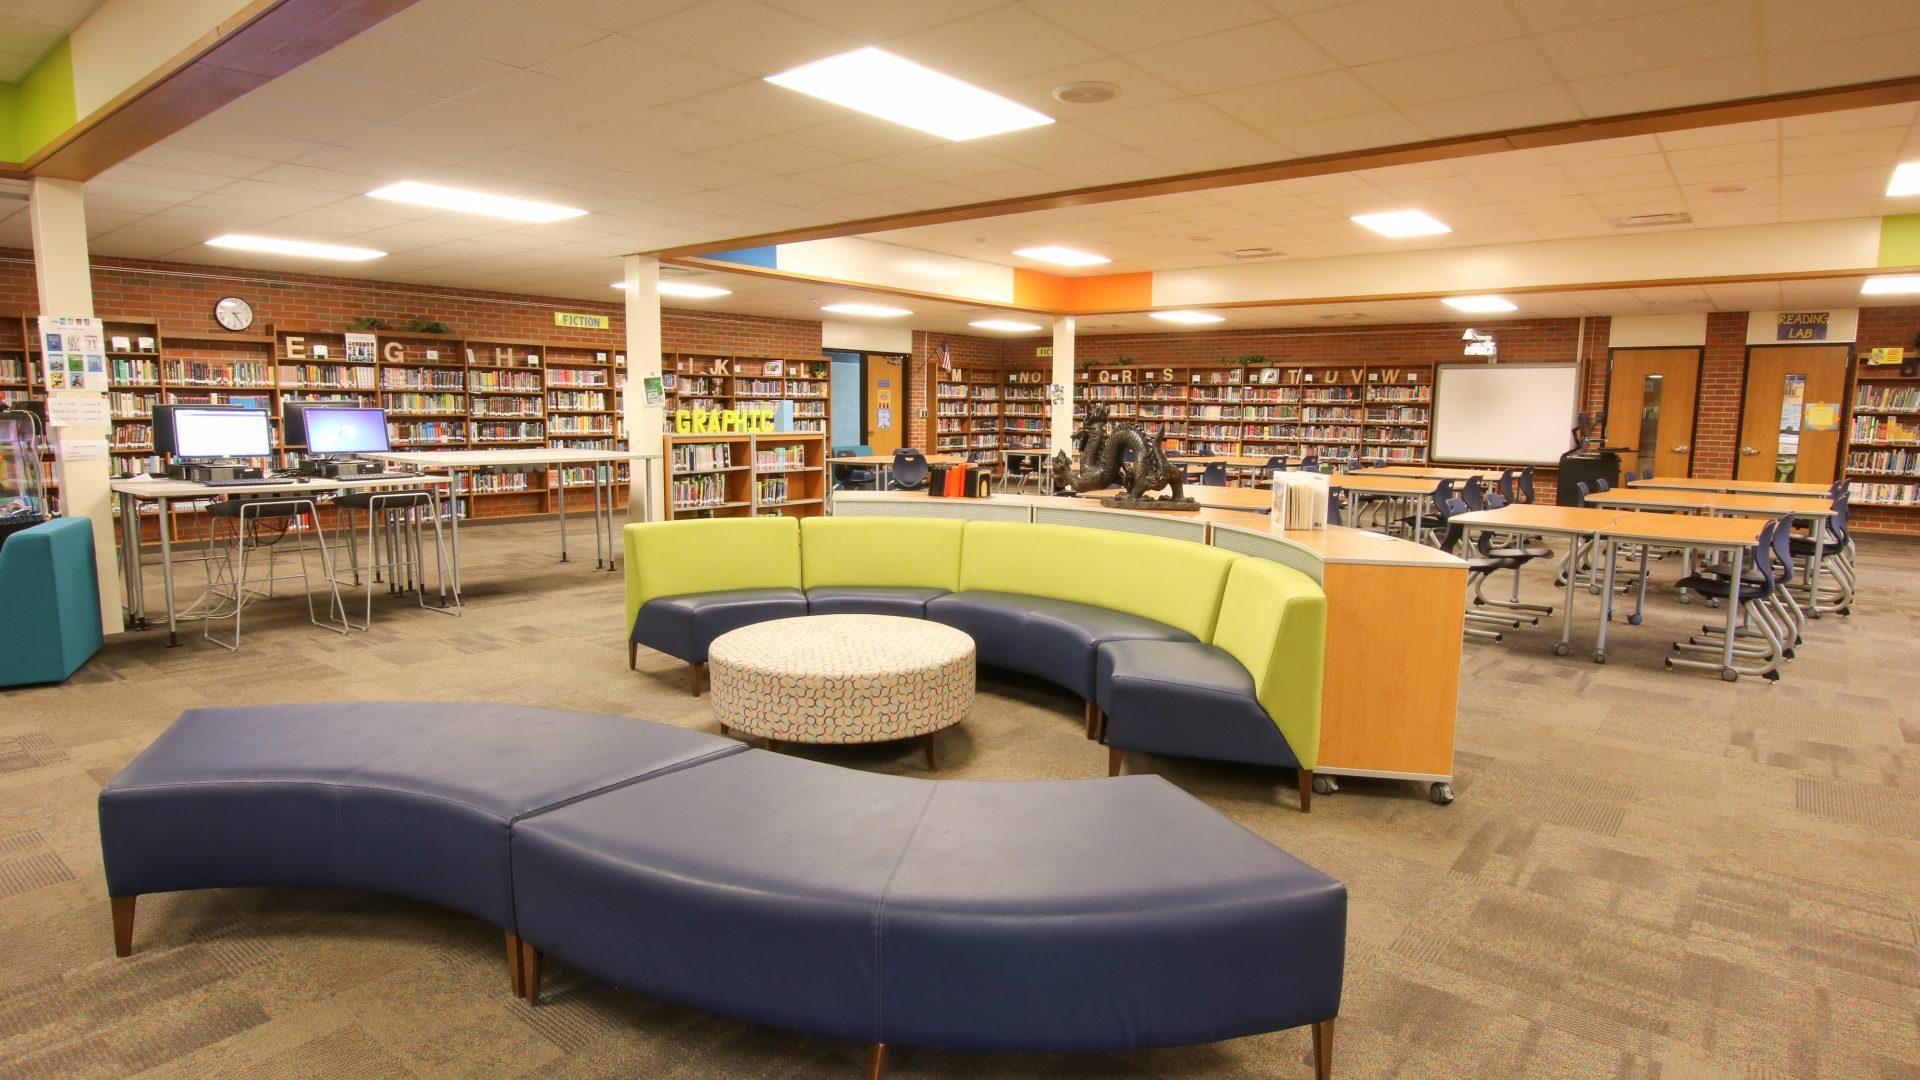 Grand Haven Public School Media Center